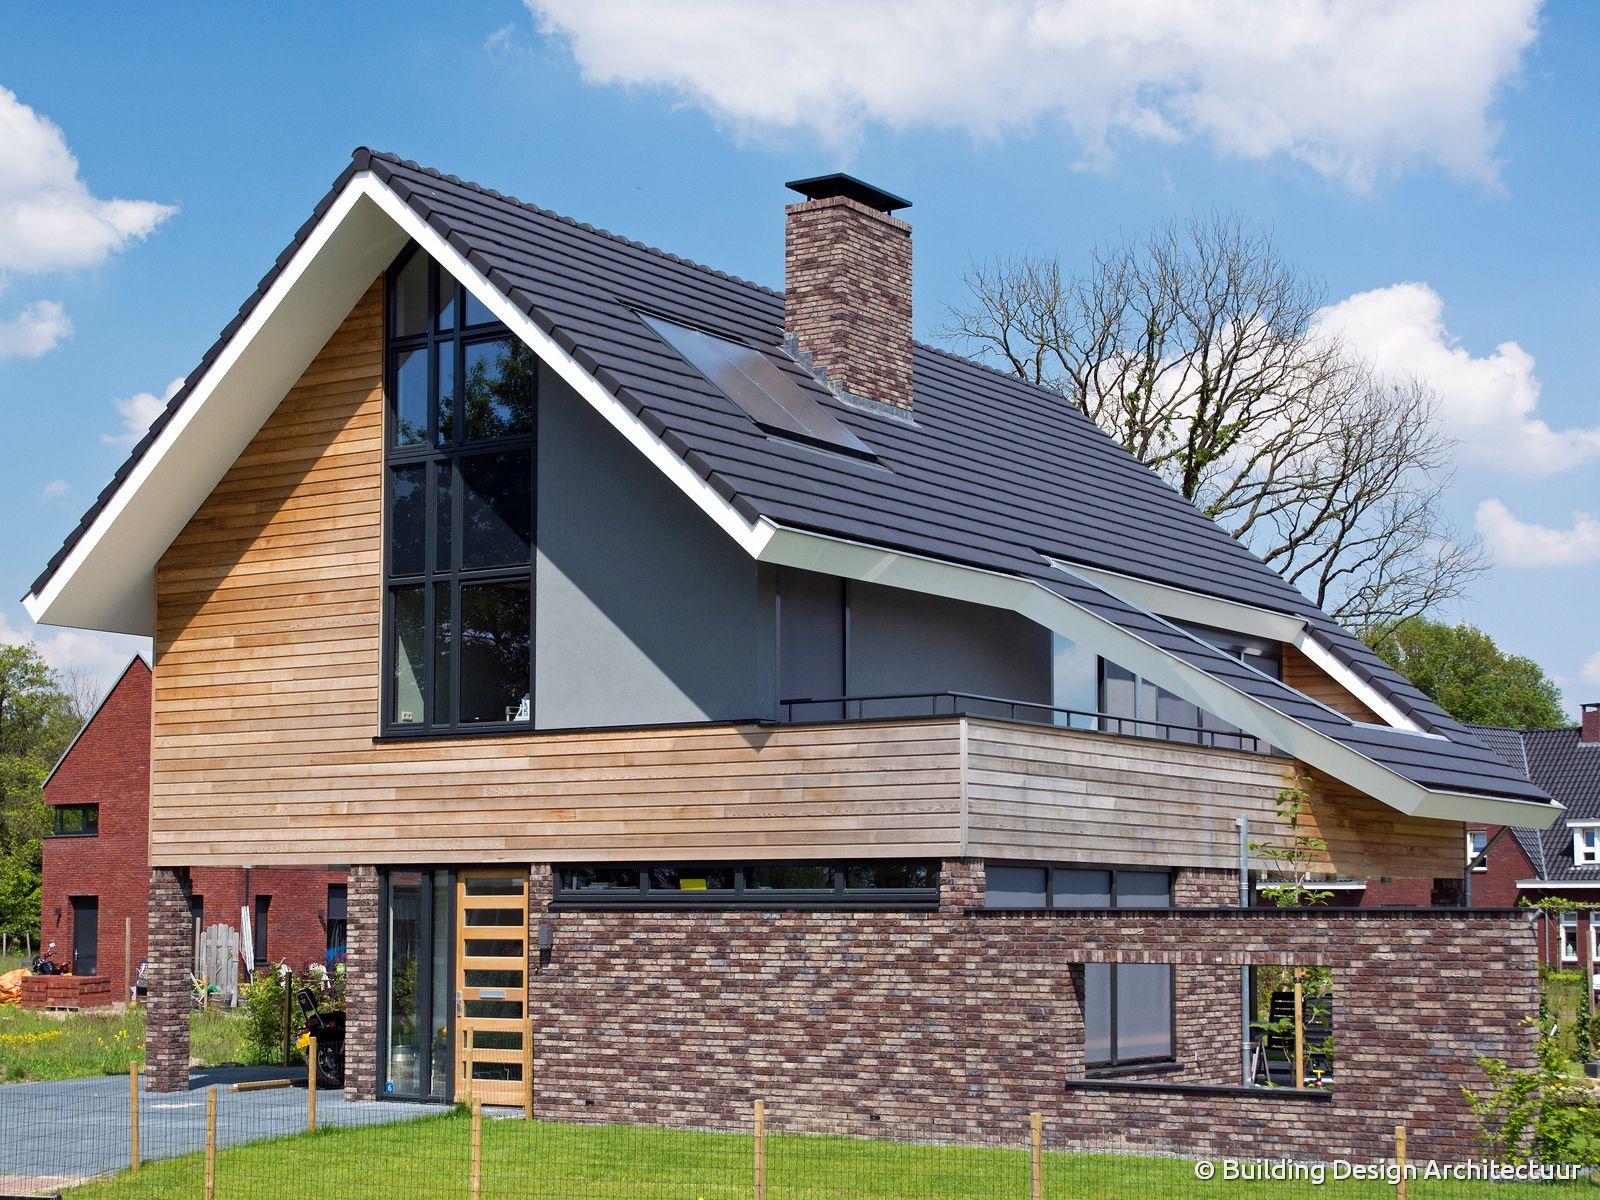 Building design architectuur homes in 2019 pinterest for Inrichting huis ontwerpen